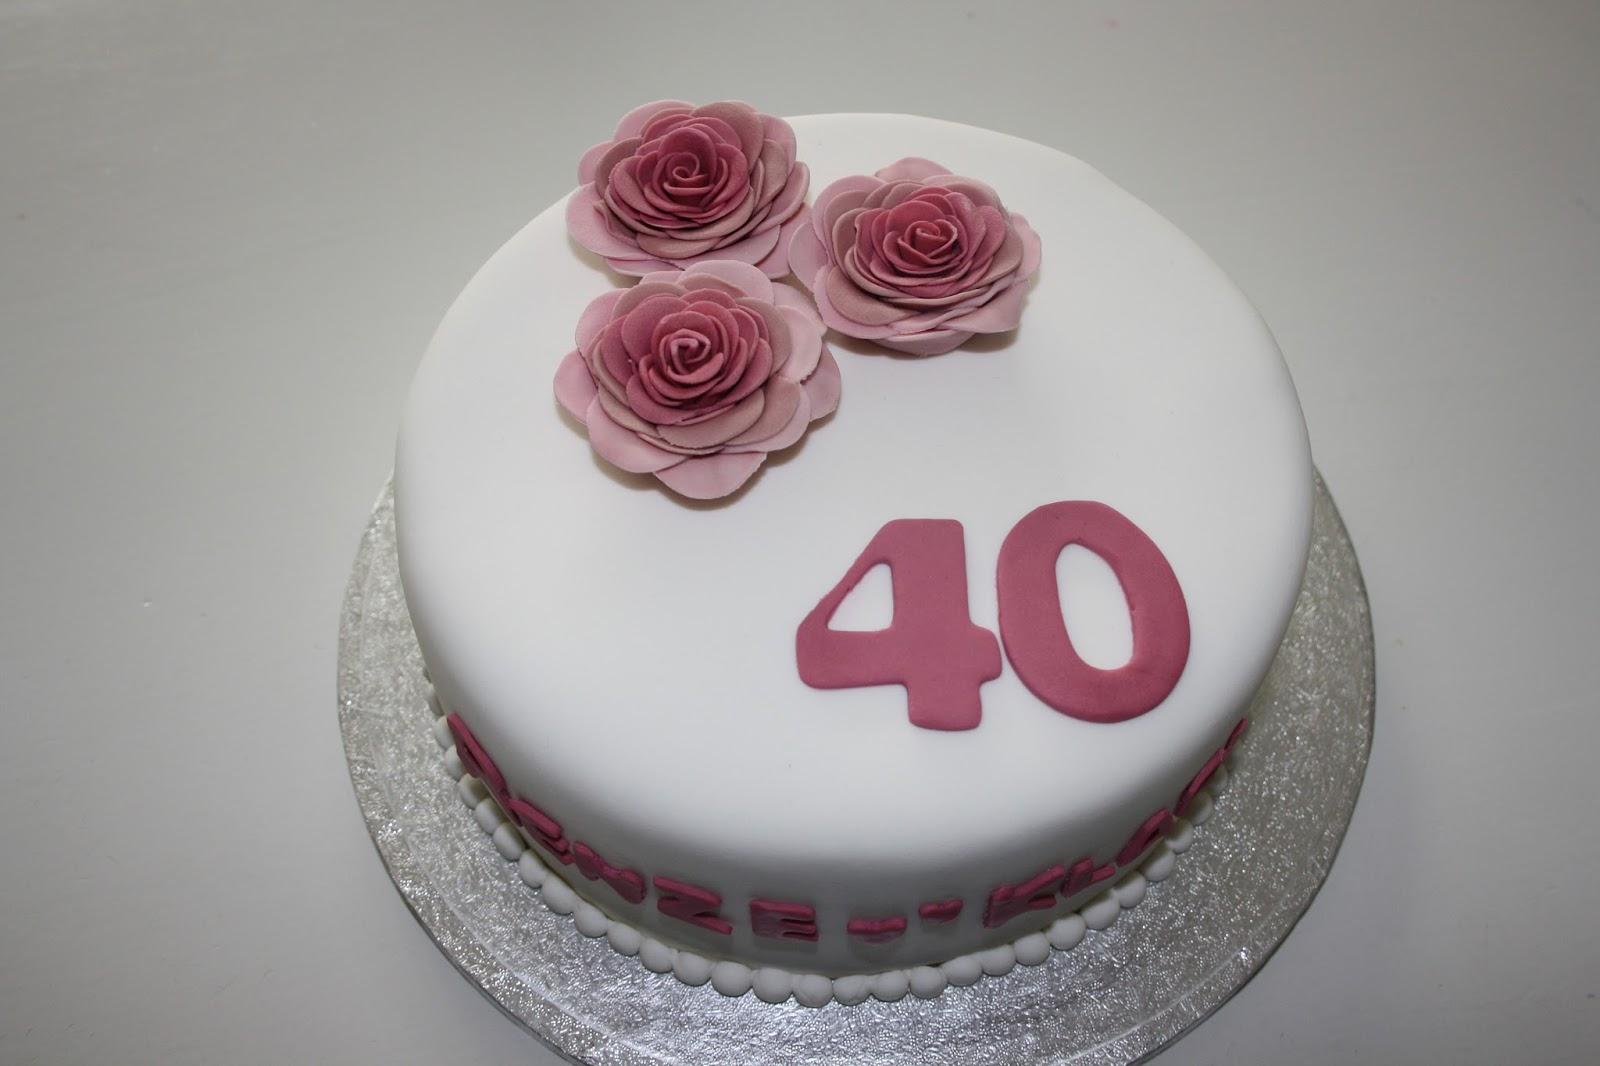 taart 40 jarig huwelijk Taarten van Janni: 40 jarig huwelijk taart 40 jarig huwelijk